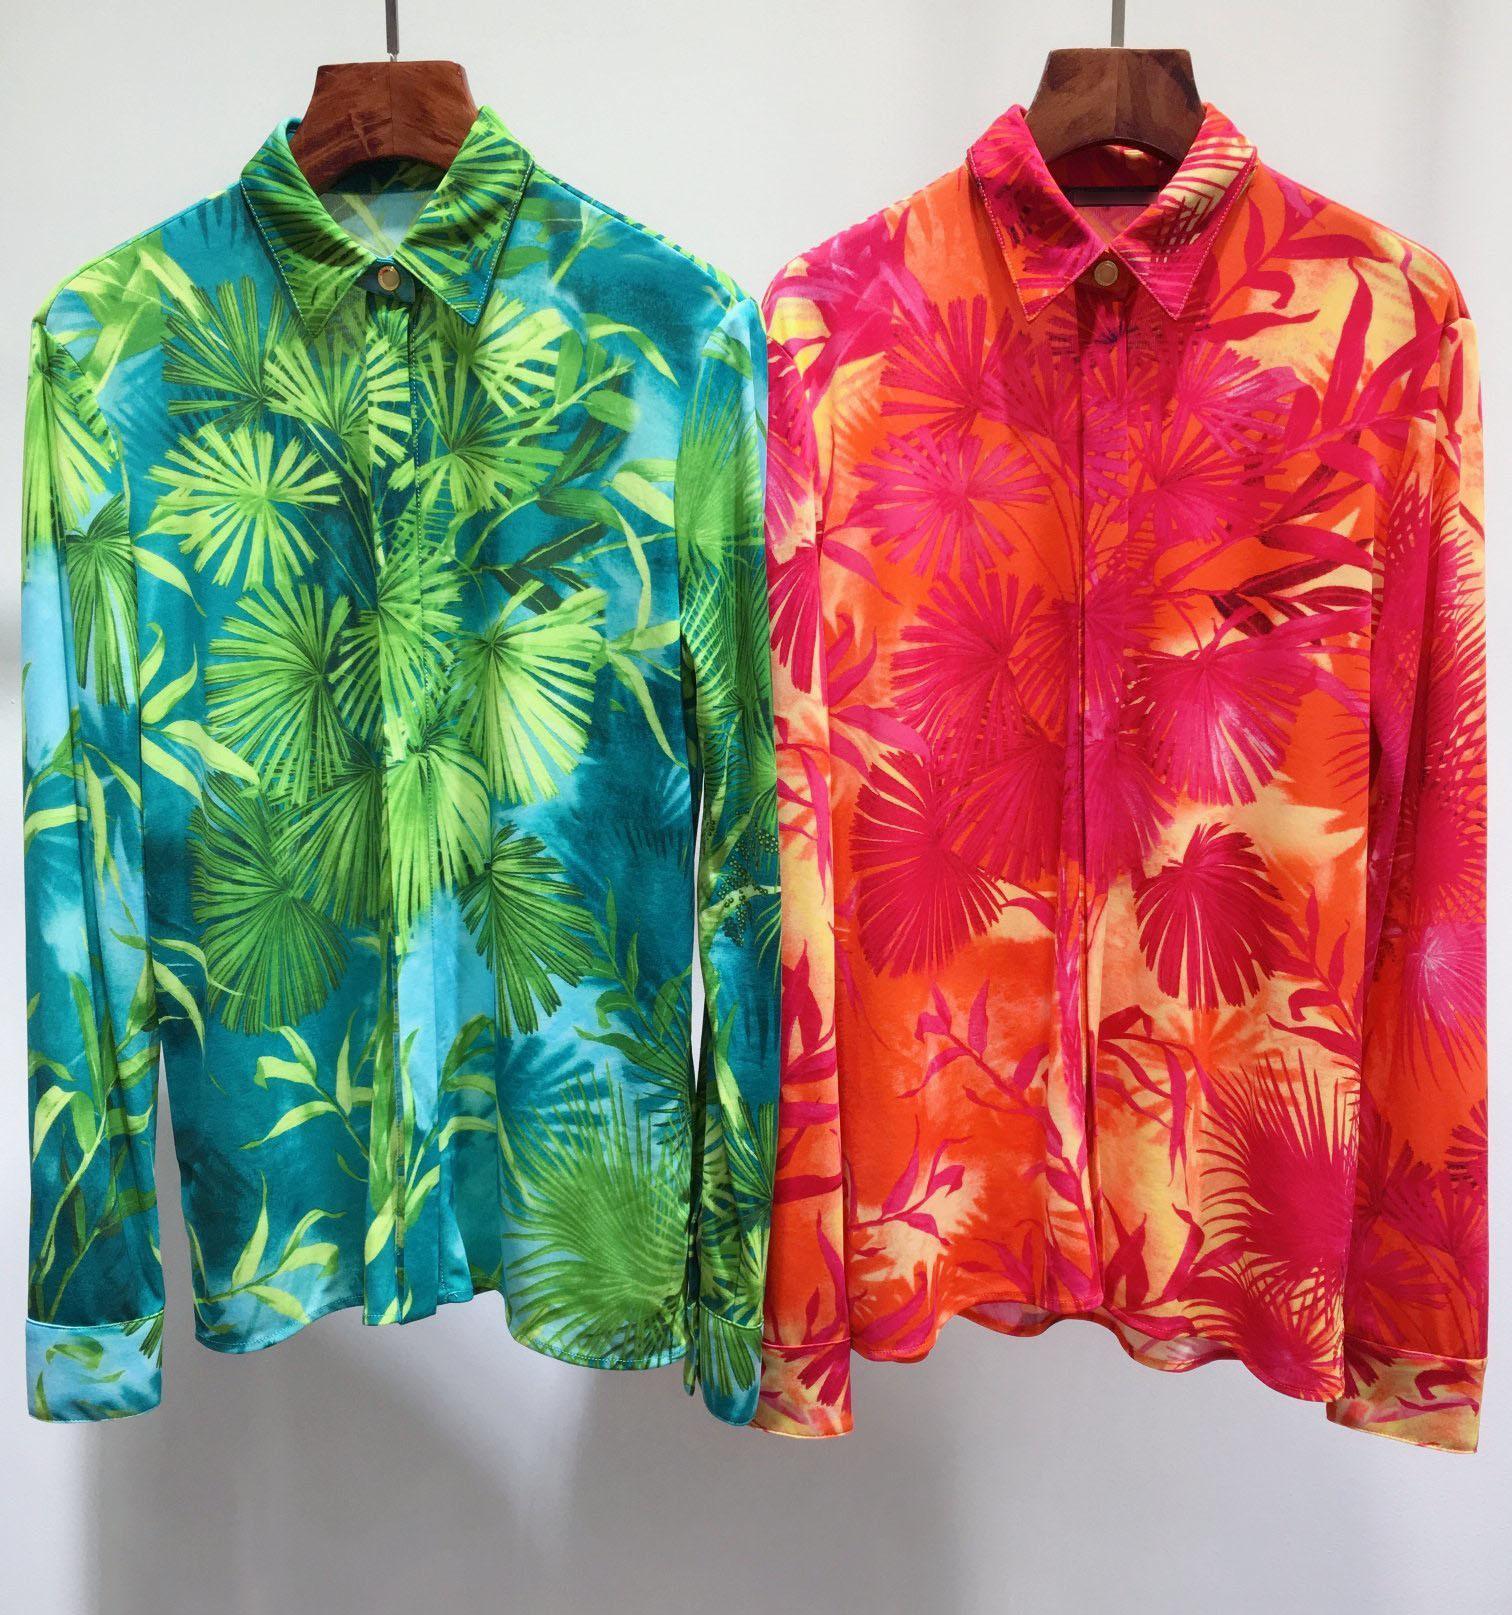 새로운 도착 디자이너 여성 블라우스 긴 소매 옷깃 목 인쇄 셔츠 여성 섹시한 탑스 인쇄 블라우스 E13